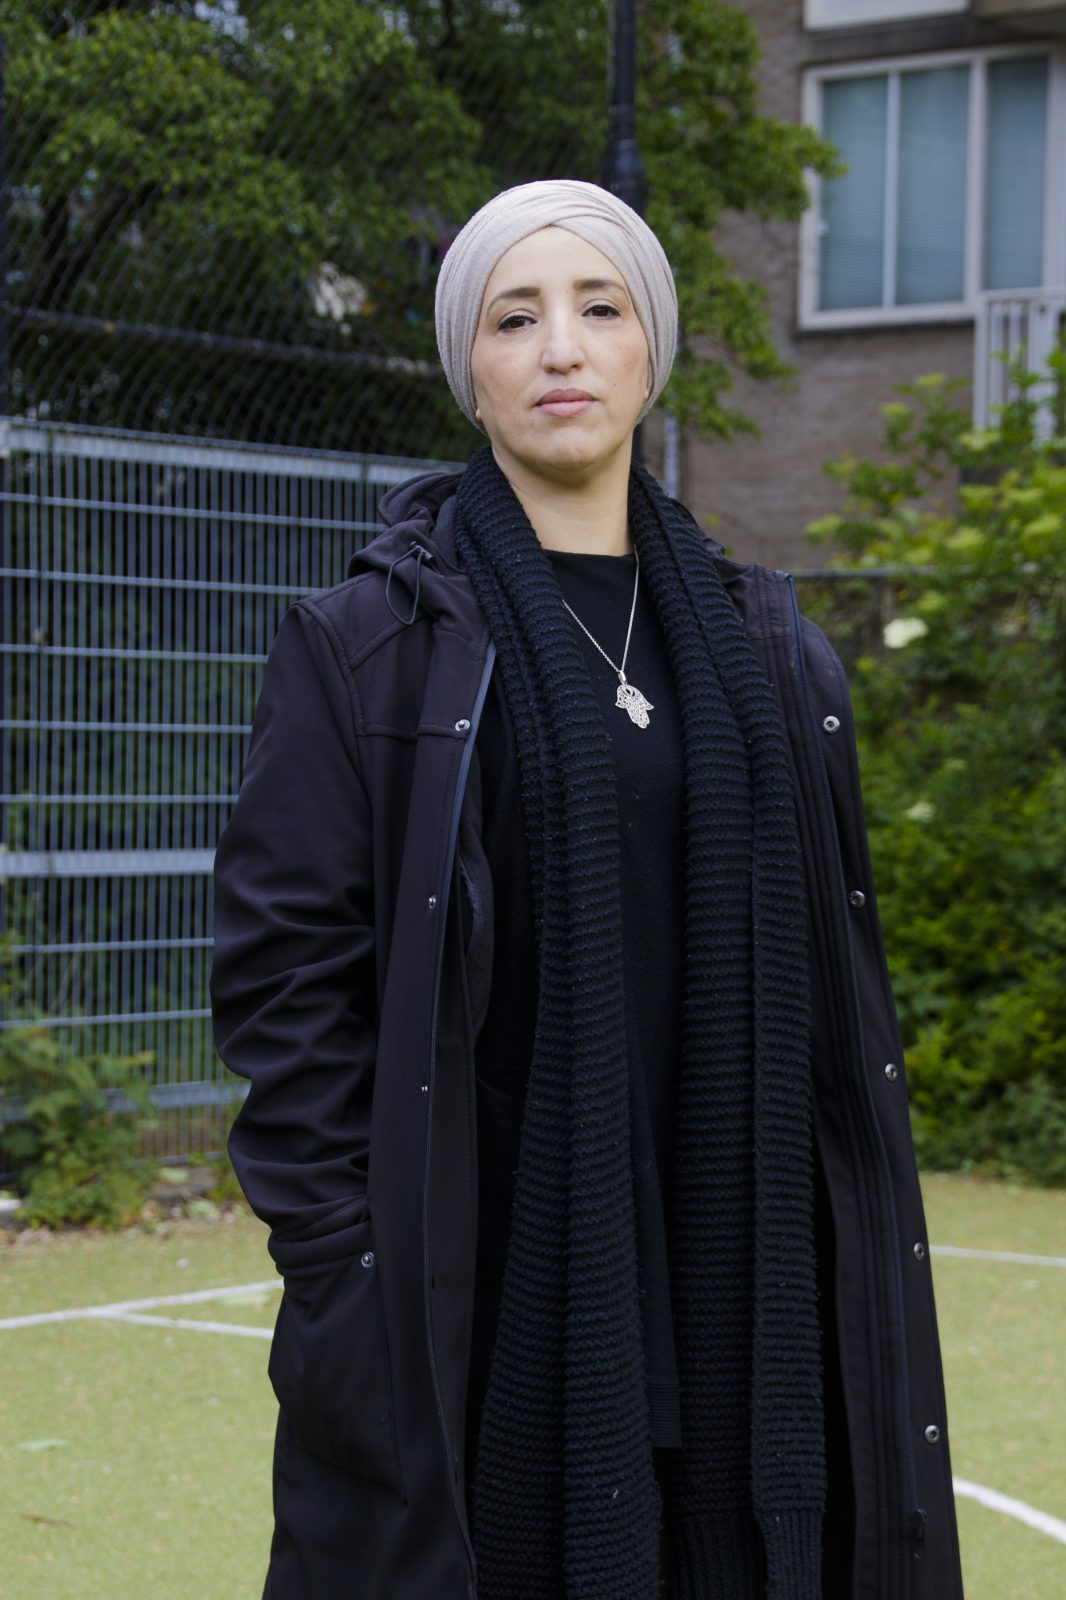 Fatima Elatik